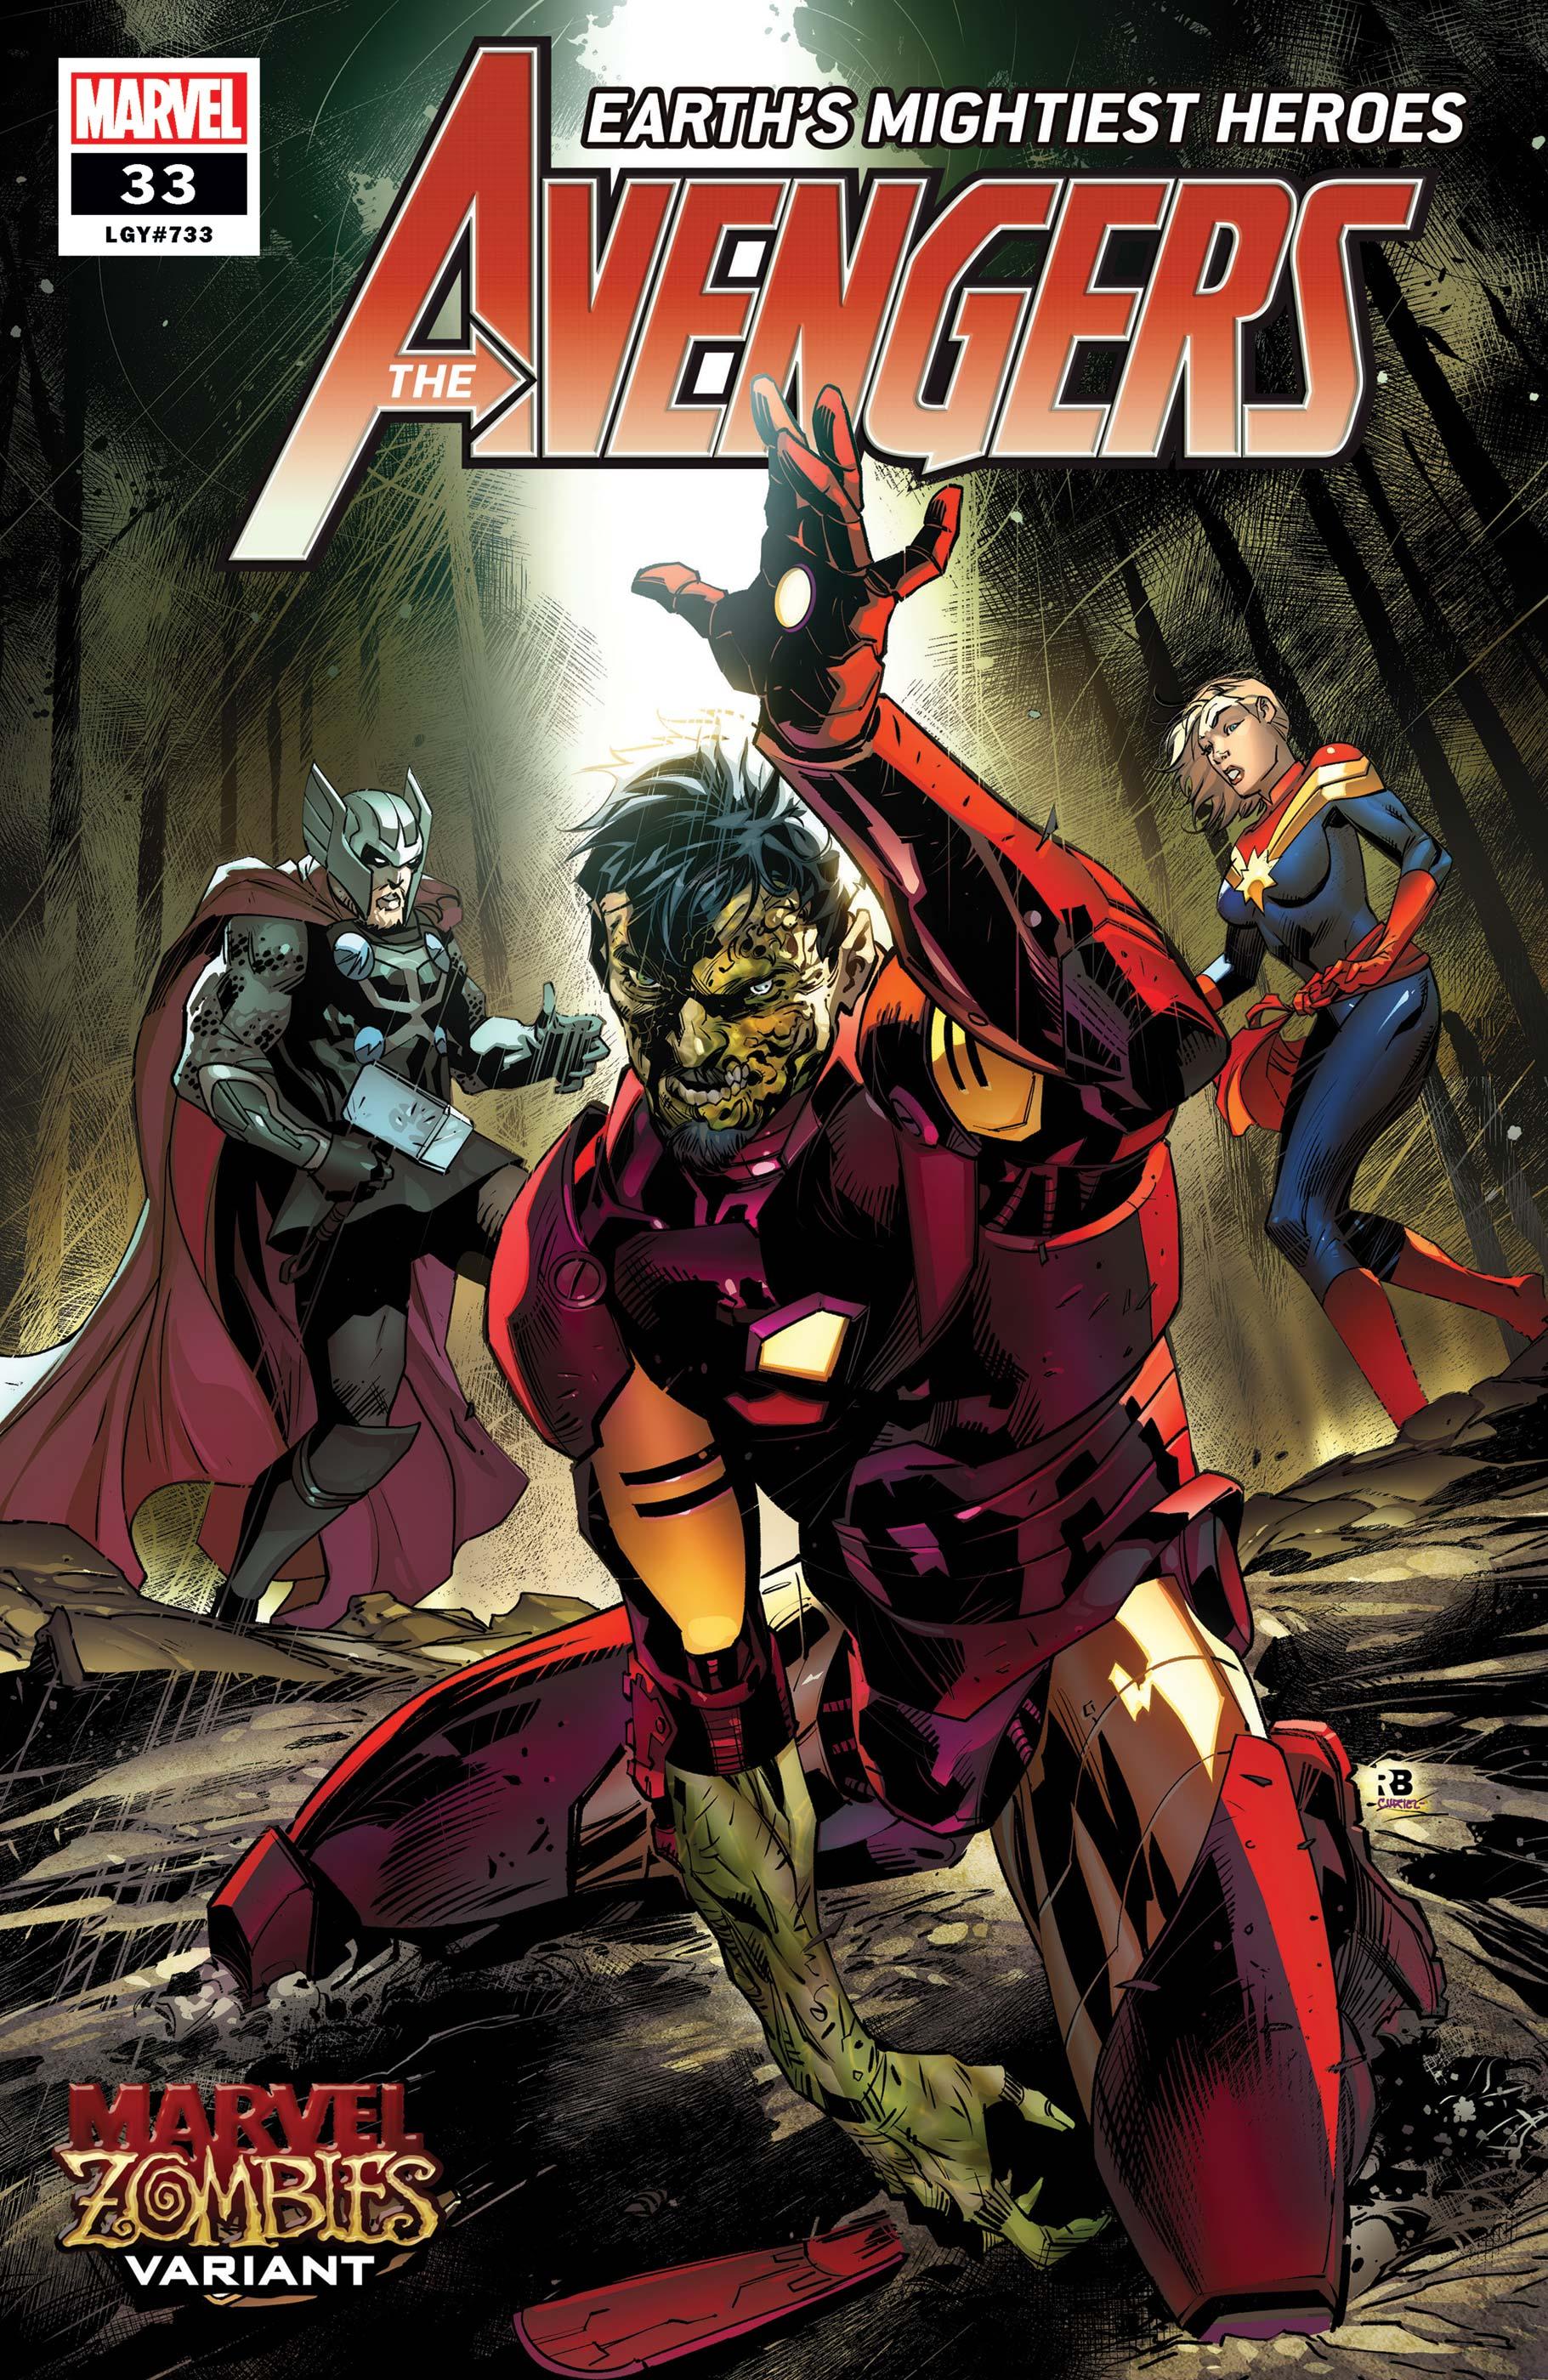 Avengers (2018) #33 (Variant)